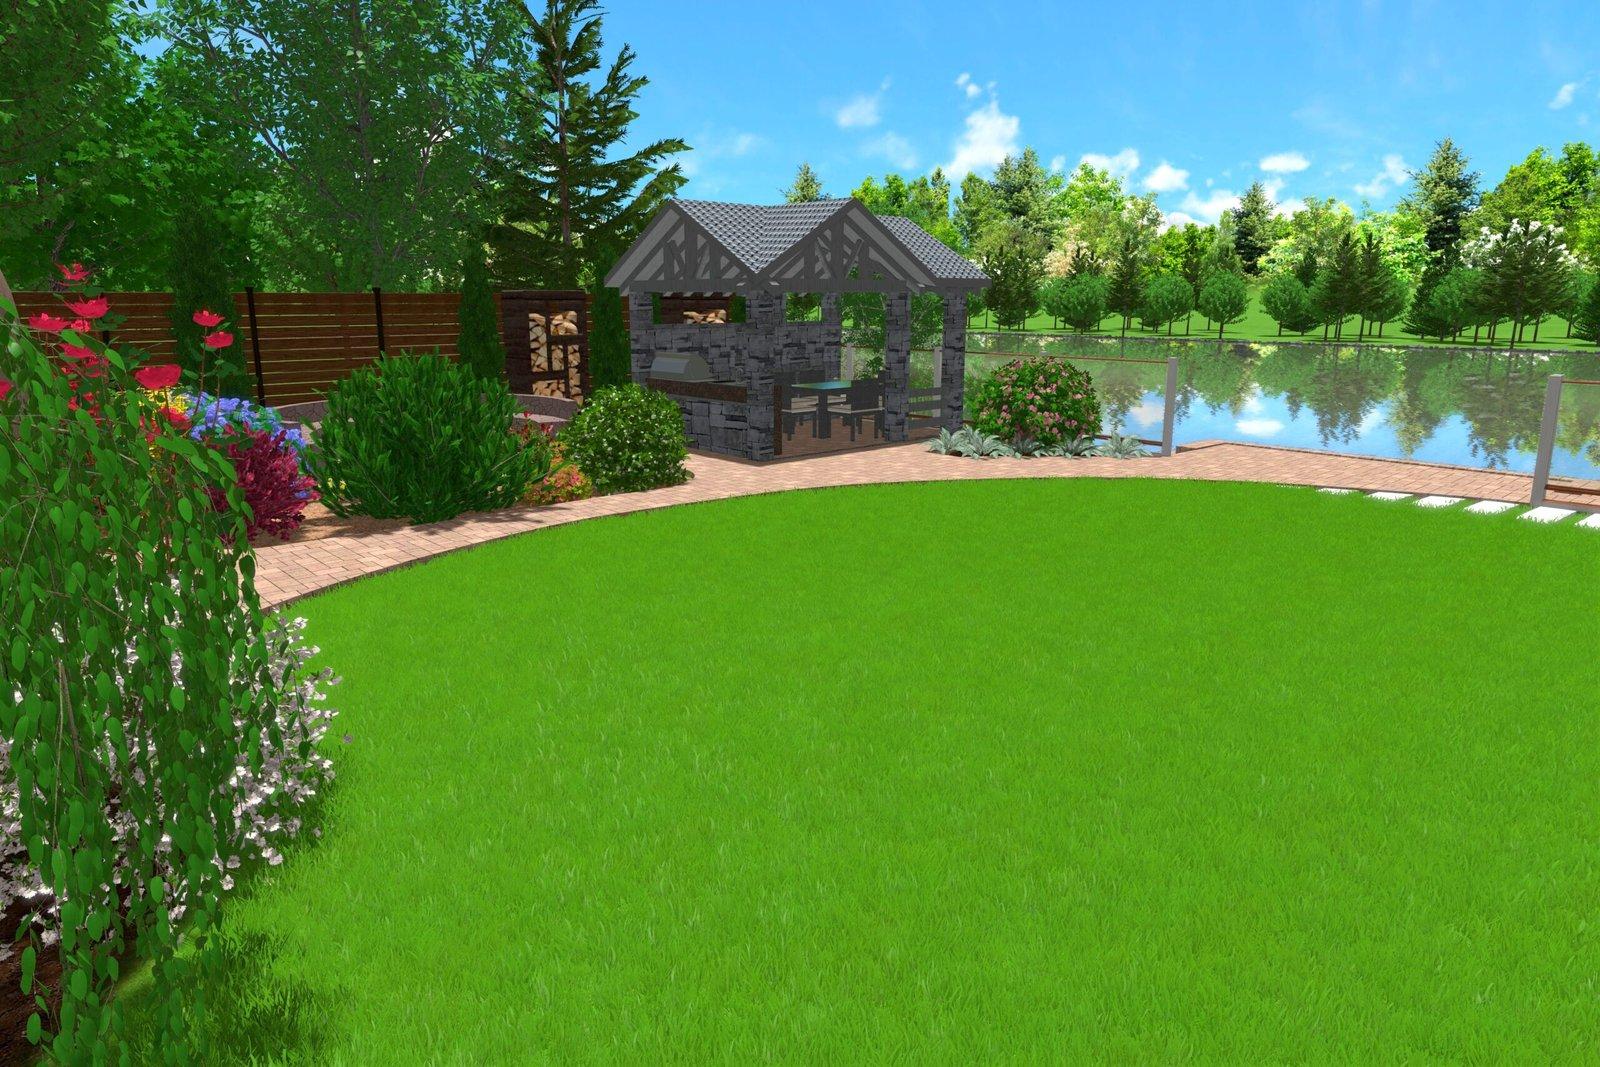 композиция ландшафта на участке, дизайн садового участка и огорода, Привлекательные решения для садовой территории,